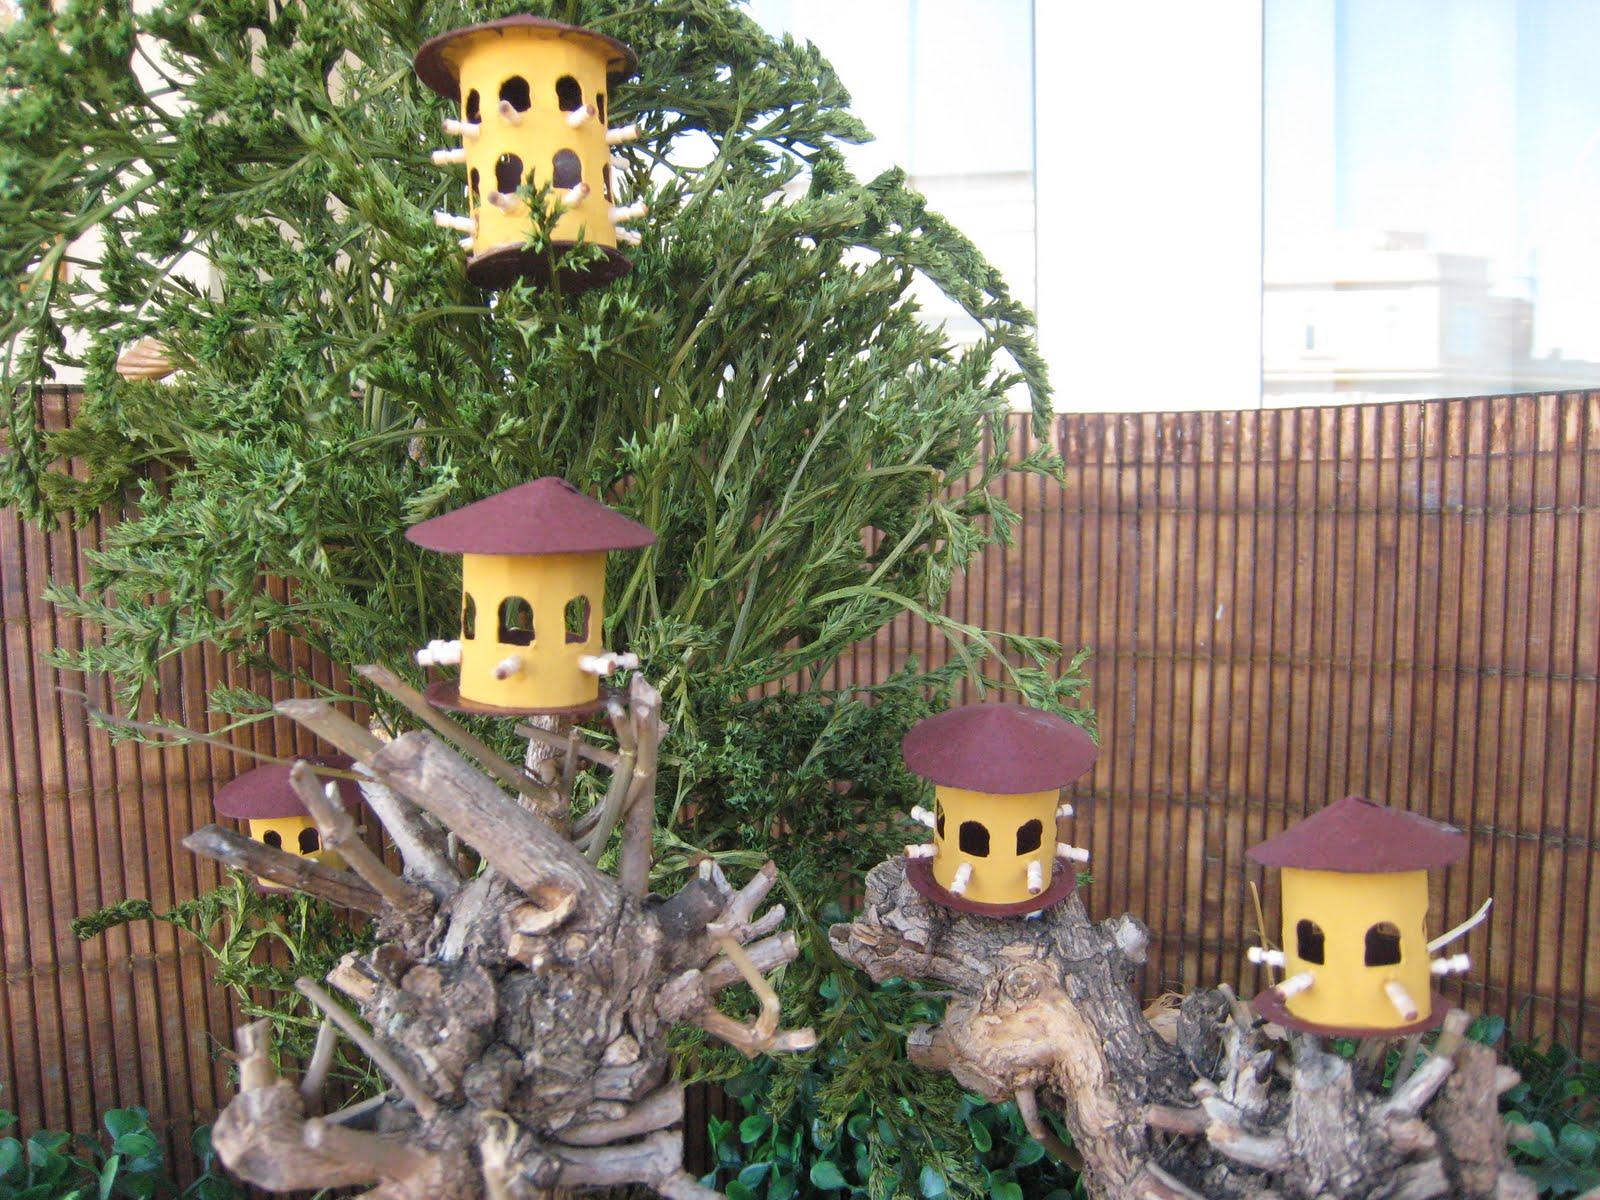 May casitas de pajaros en el jard n - Casitas para pajaros jardin ...